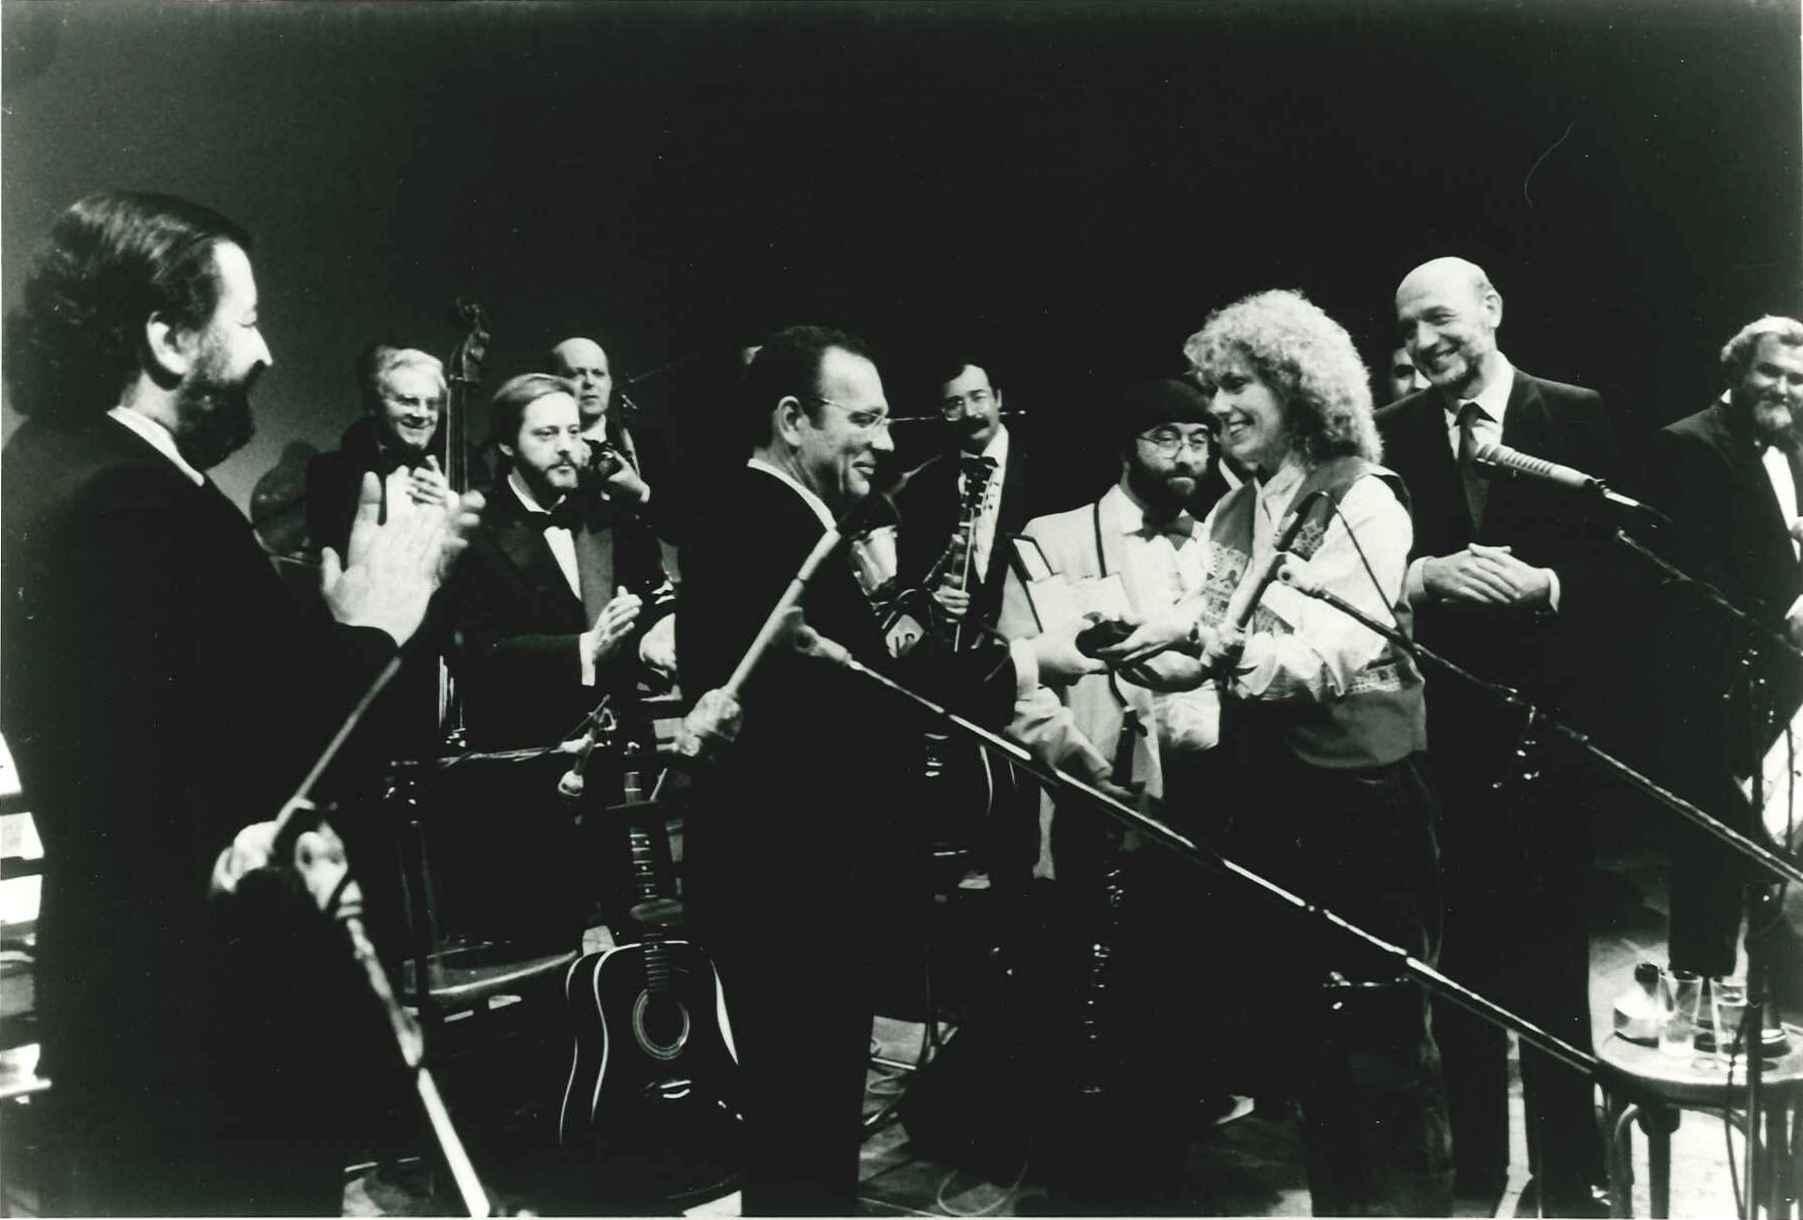 """Bologna, 5 marzo 1983, consegna del """"Nettuno d'oro"""" alla Band per il trentennale: il primo a sinistra è Pupi Avati"""